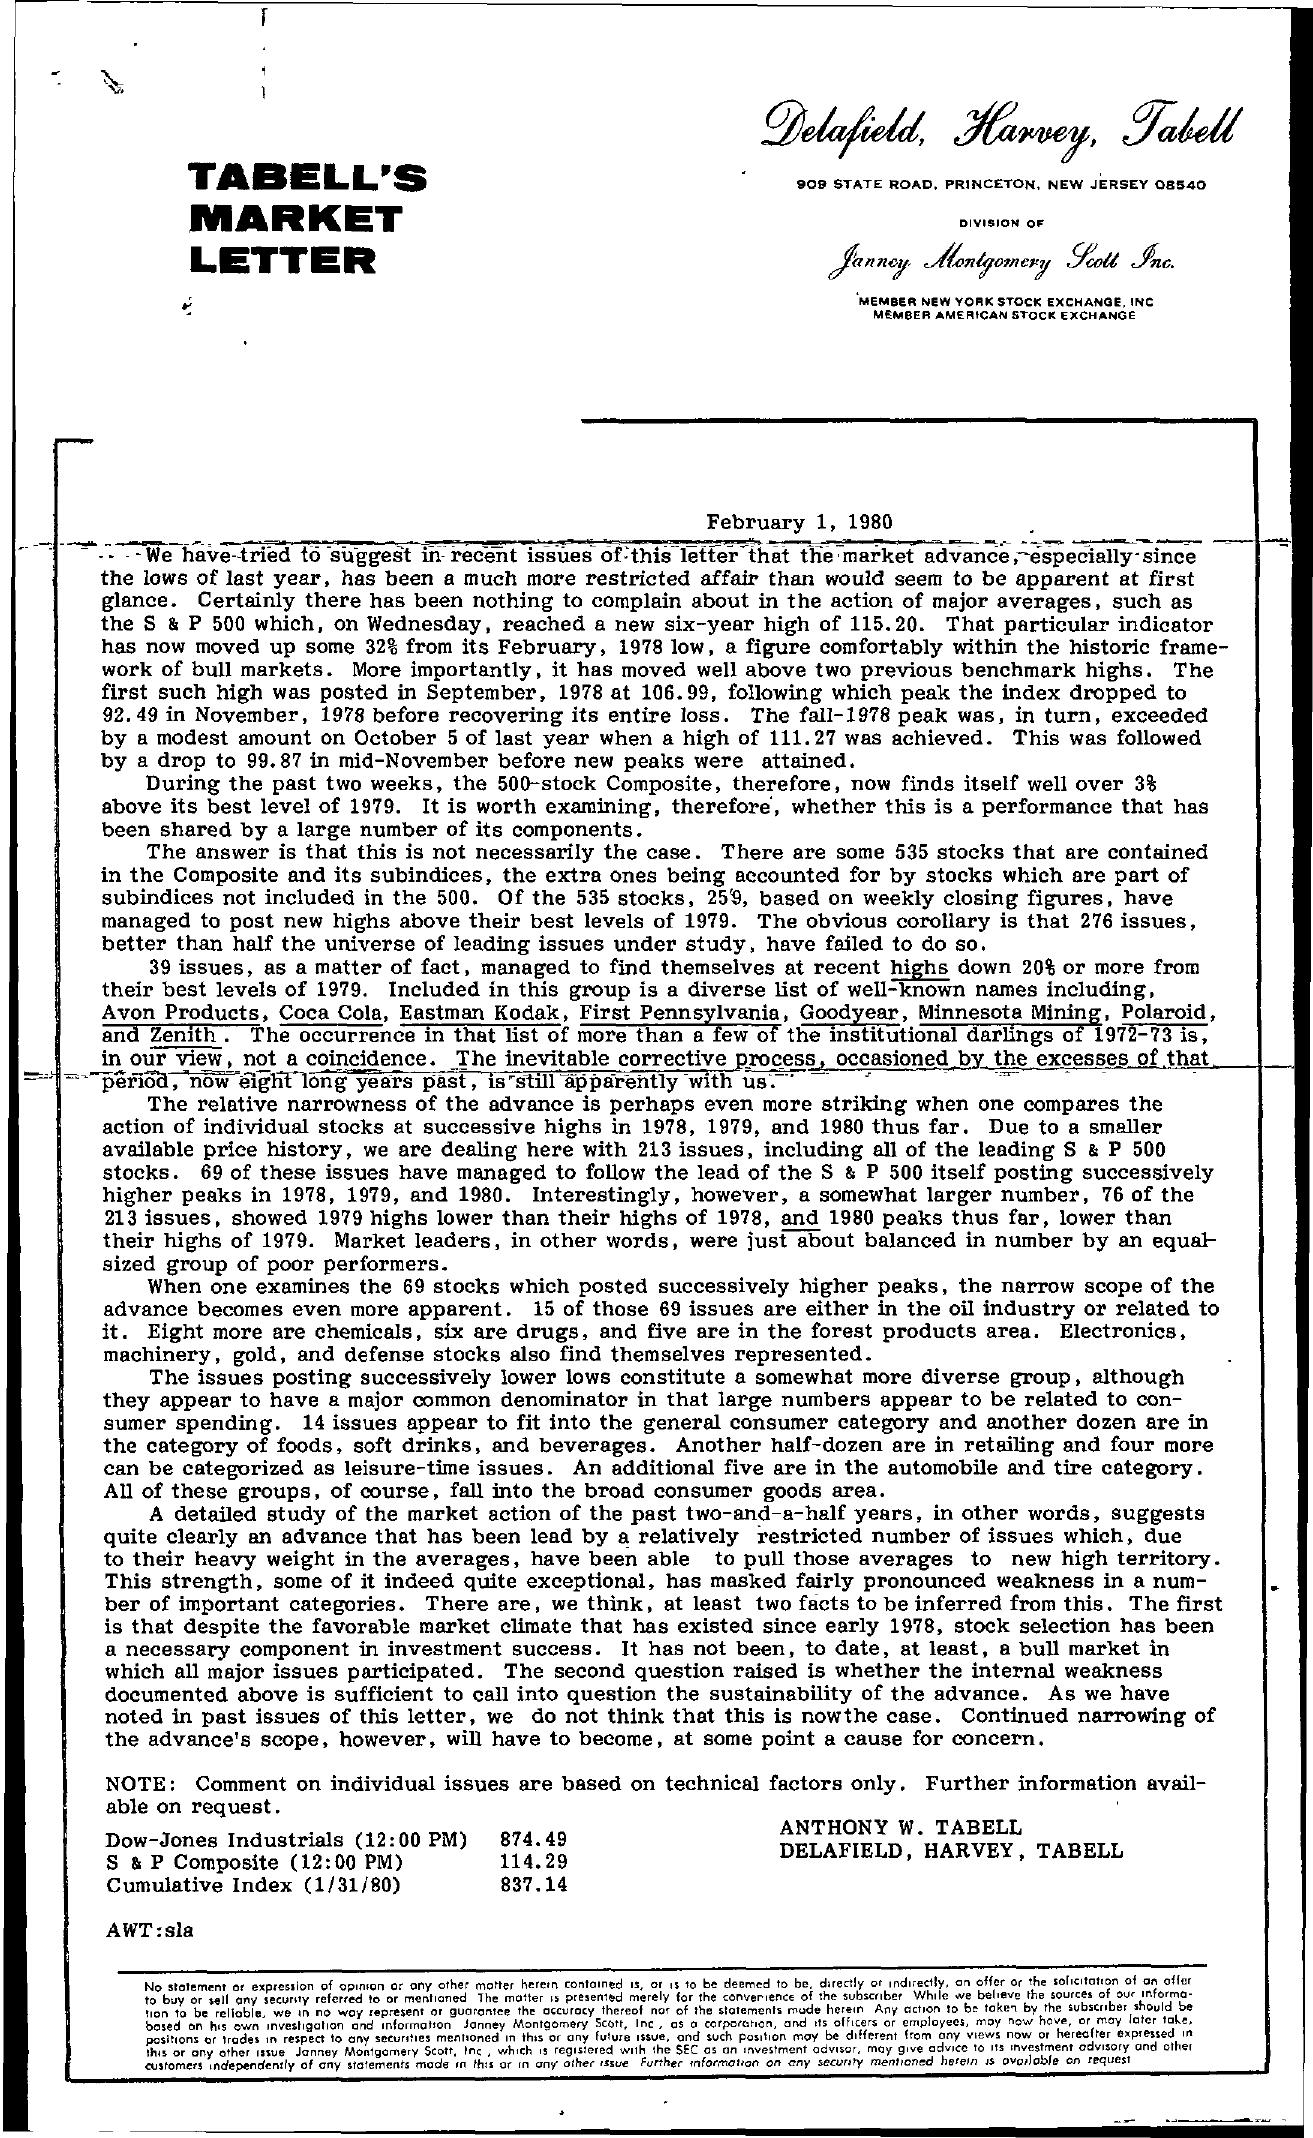 Tabell's Market Letter - February 01, 1980